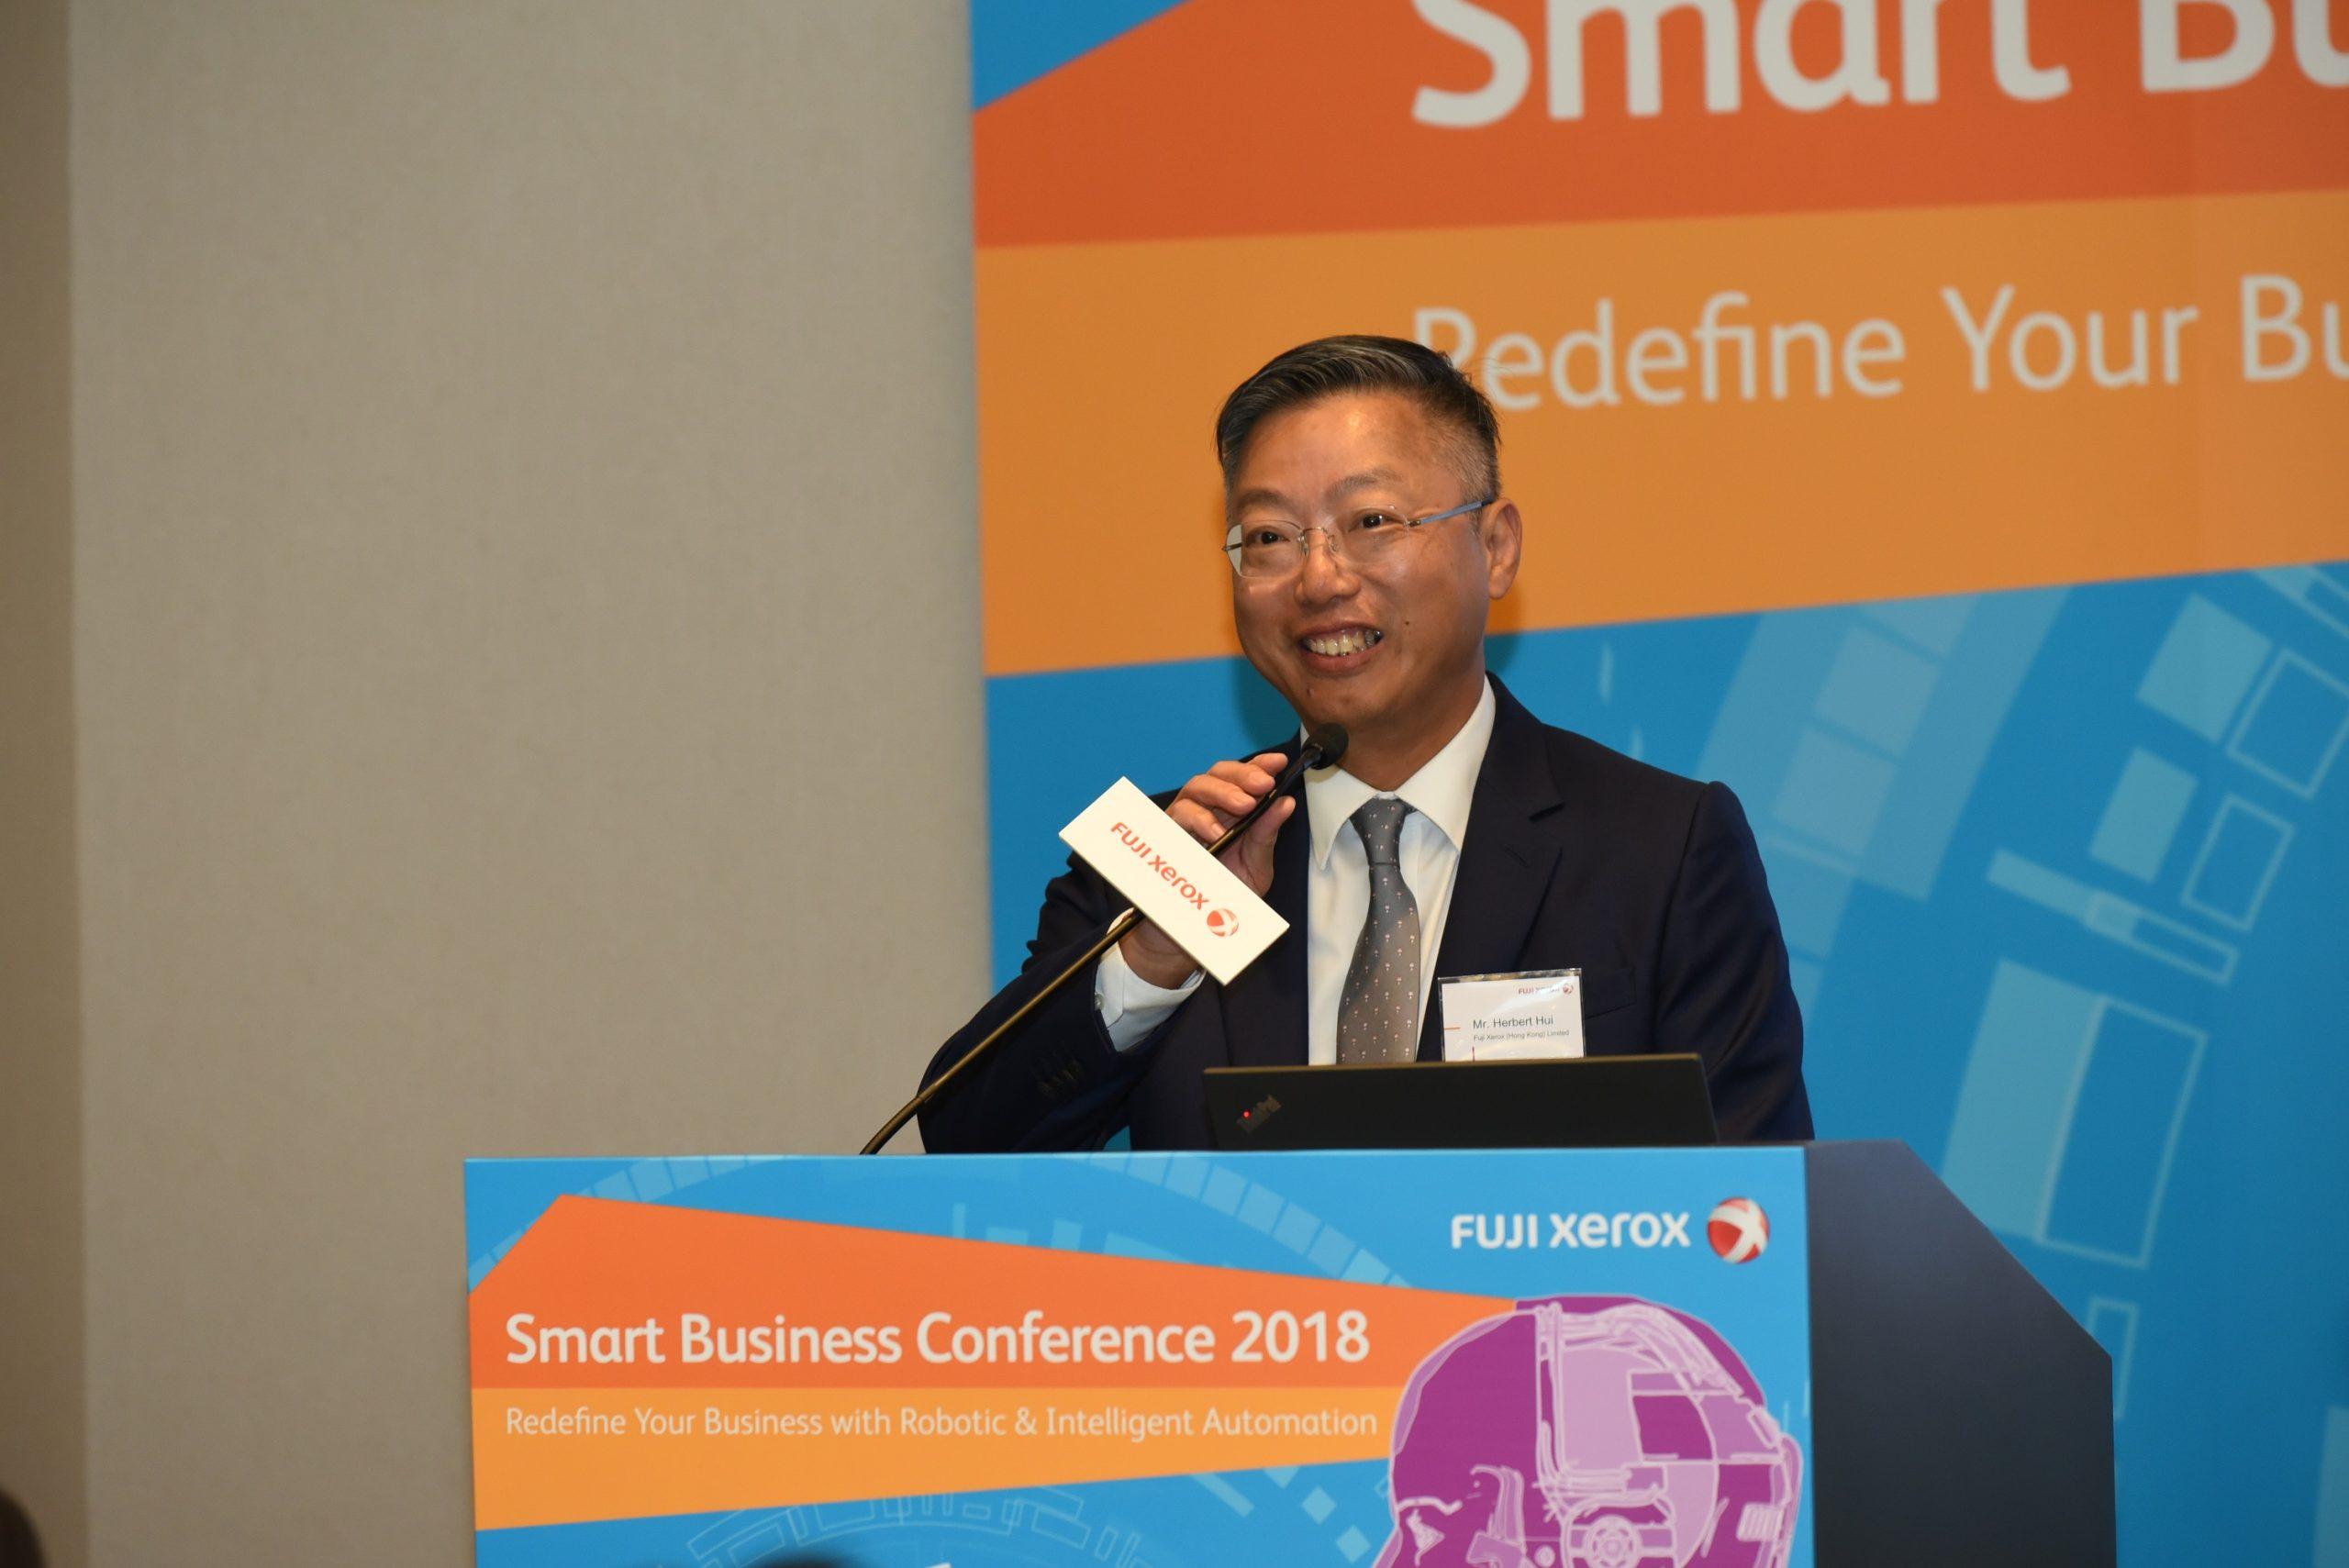 助企業快速製作 Proposal,富士施樂(香港)推「計劃書隨選製作」解決方案